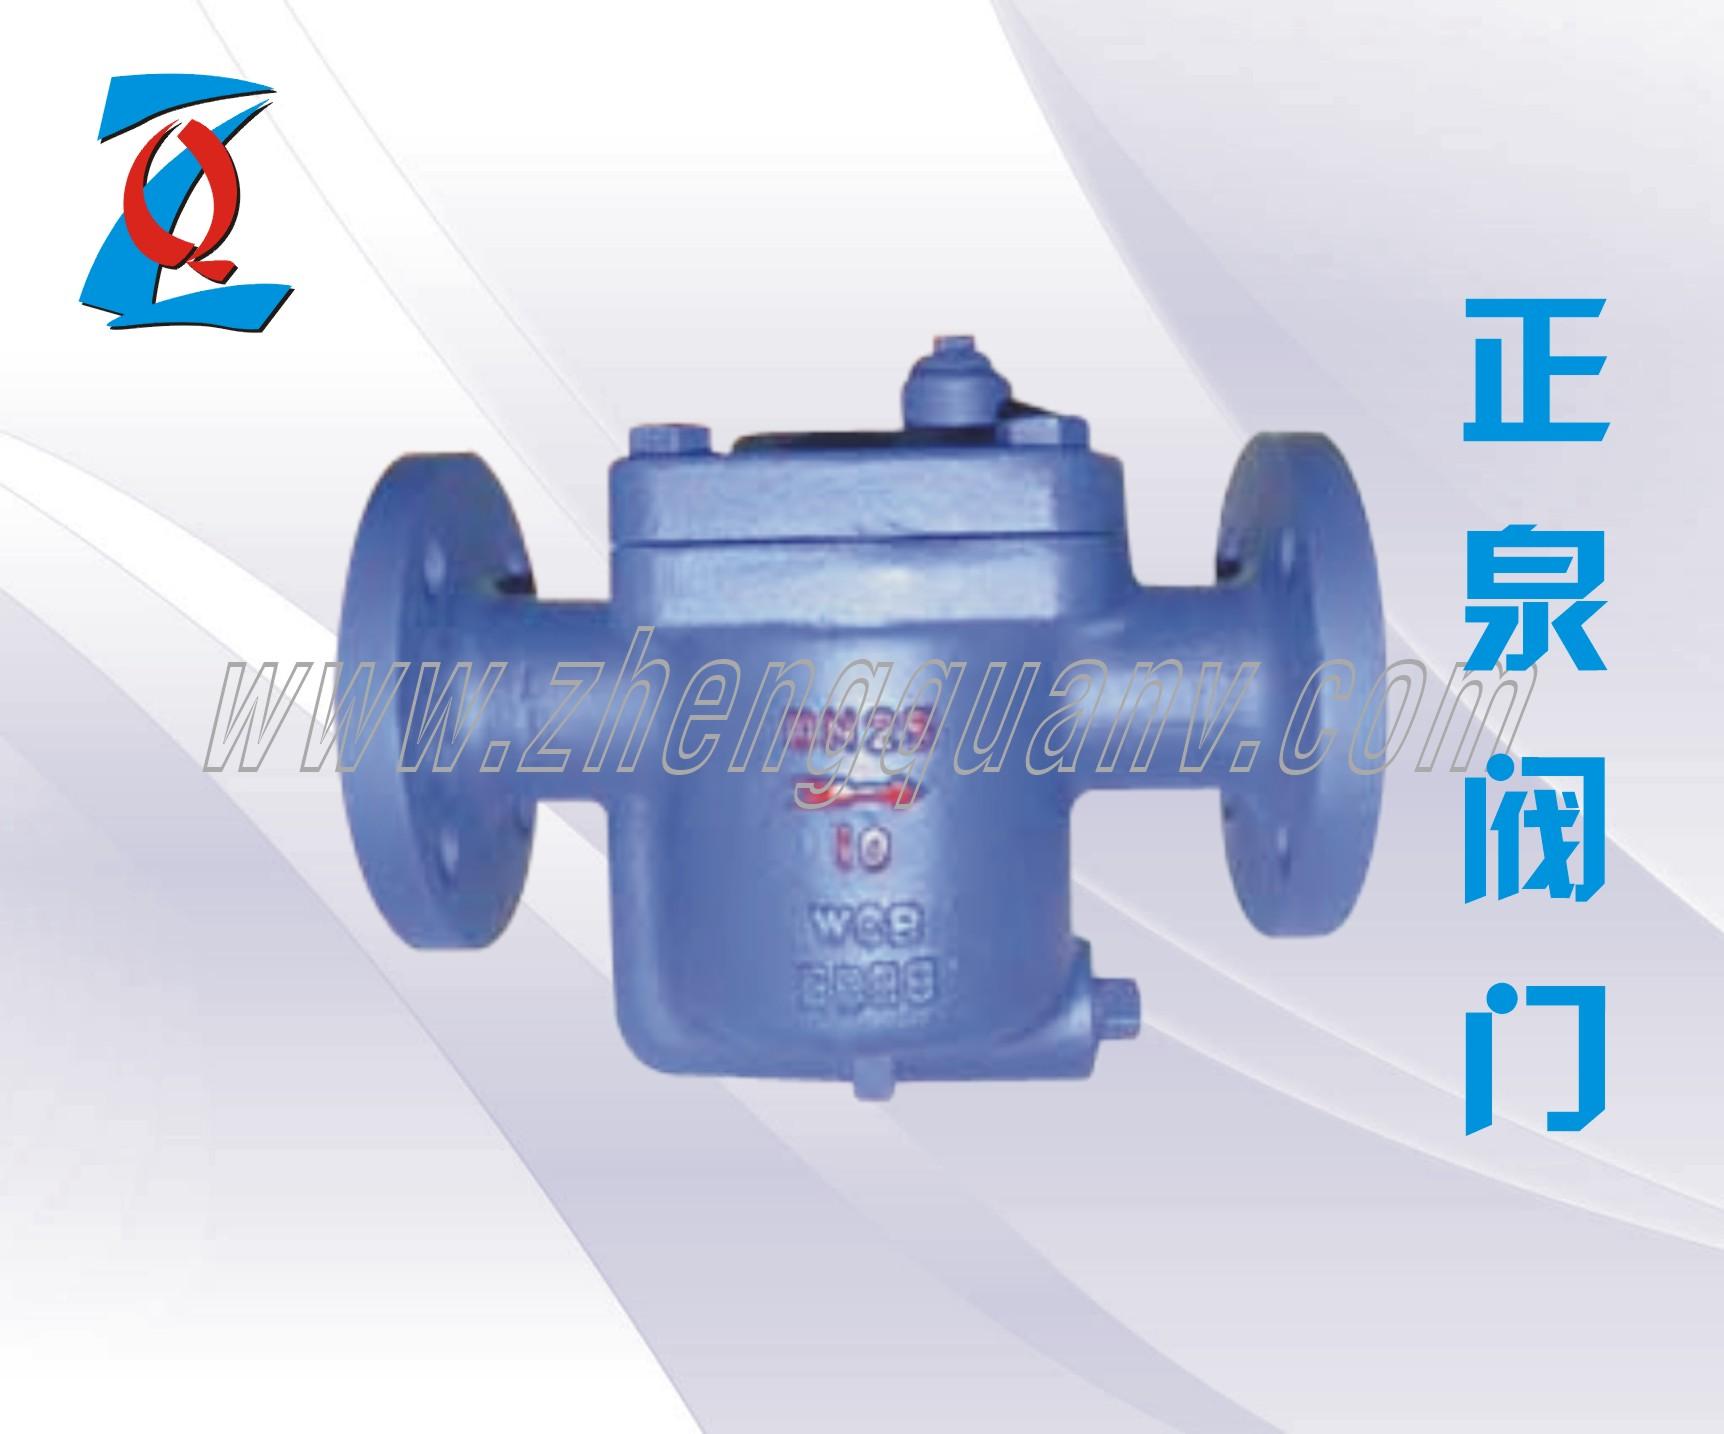 首页 机械及行业设备 阀门 疏水阀 供应自由半浮球式蒸汽疏水阀cs15h